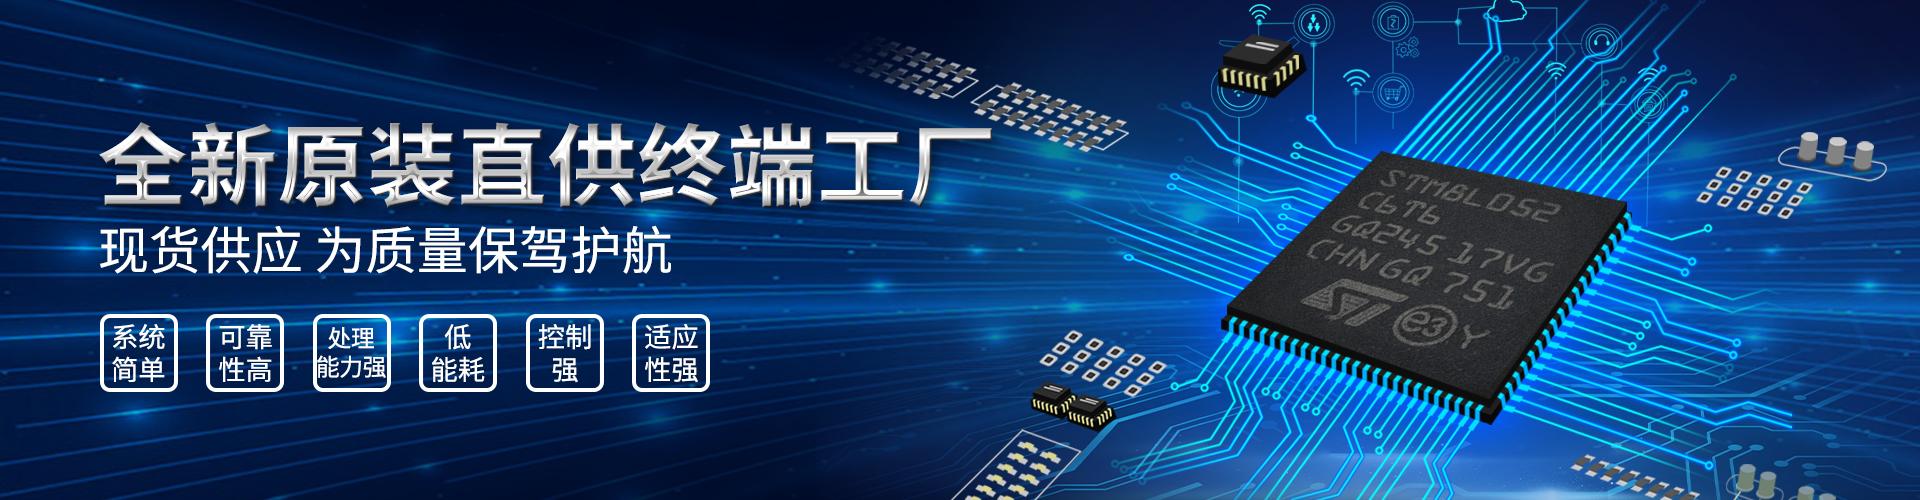 电容,电阻,二极管,贴片电感,电子元器件采购网